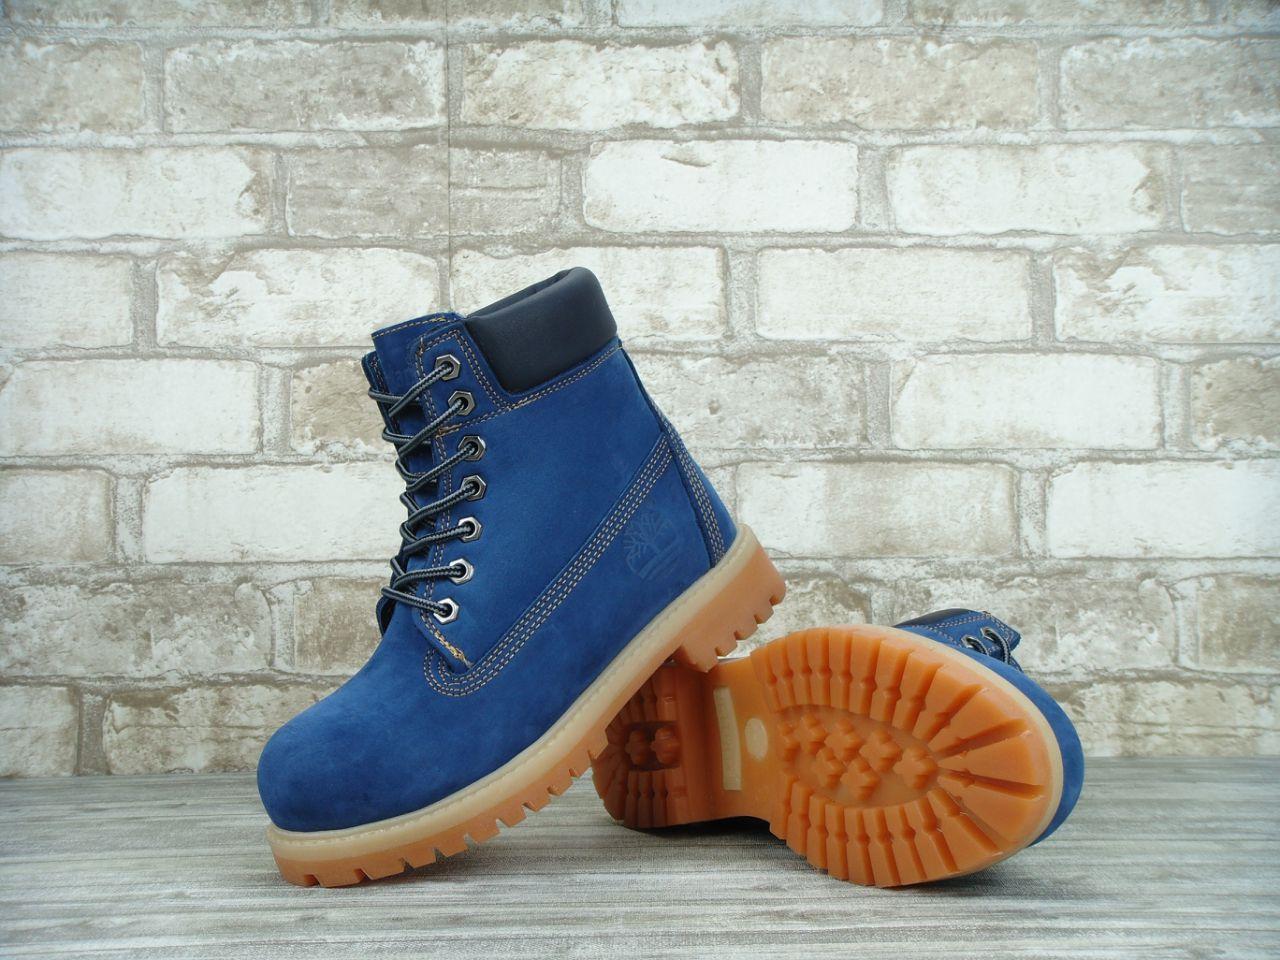 Зимние ботинки Timberland Blue, женские ботинки с натуральным мехом. ТОП Реплика ААА класса.